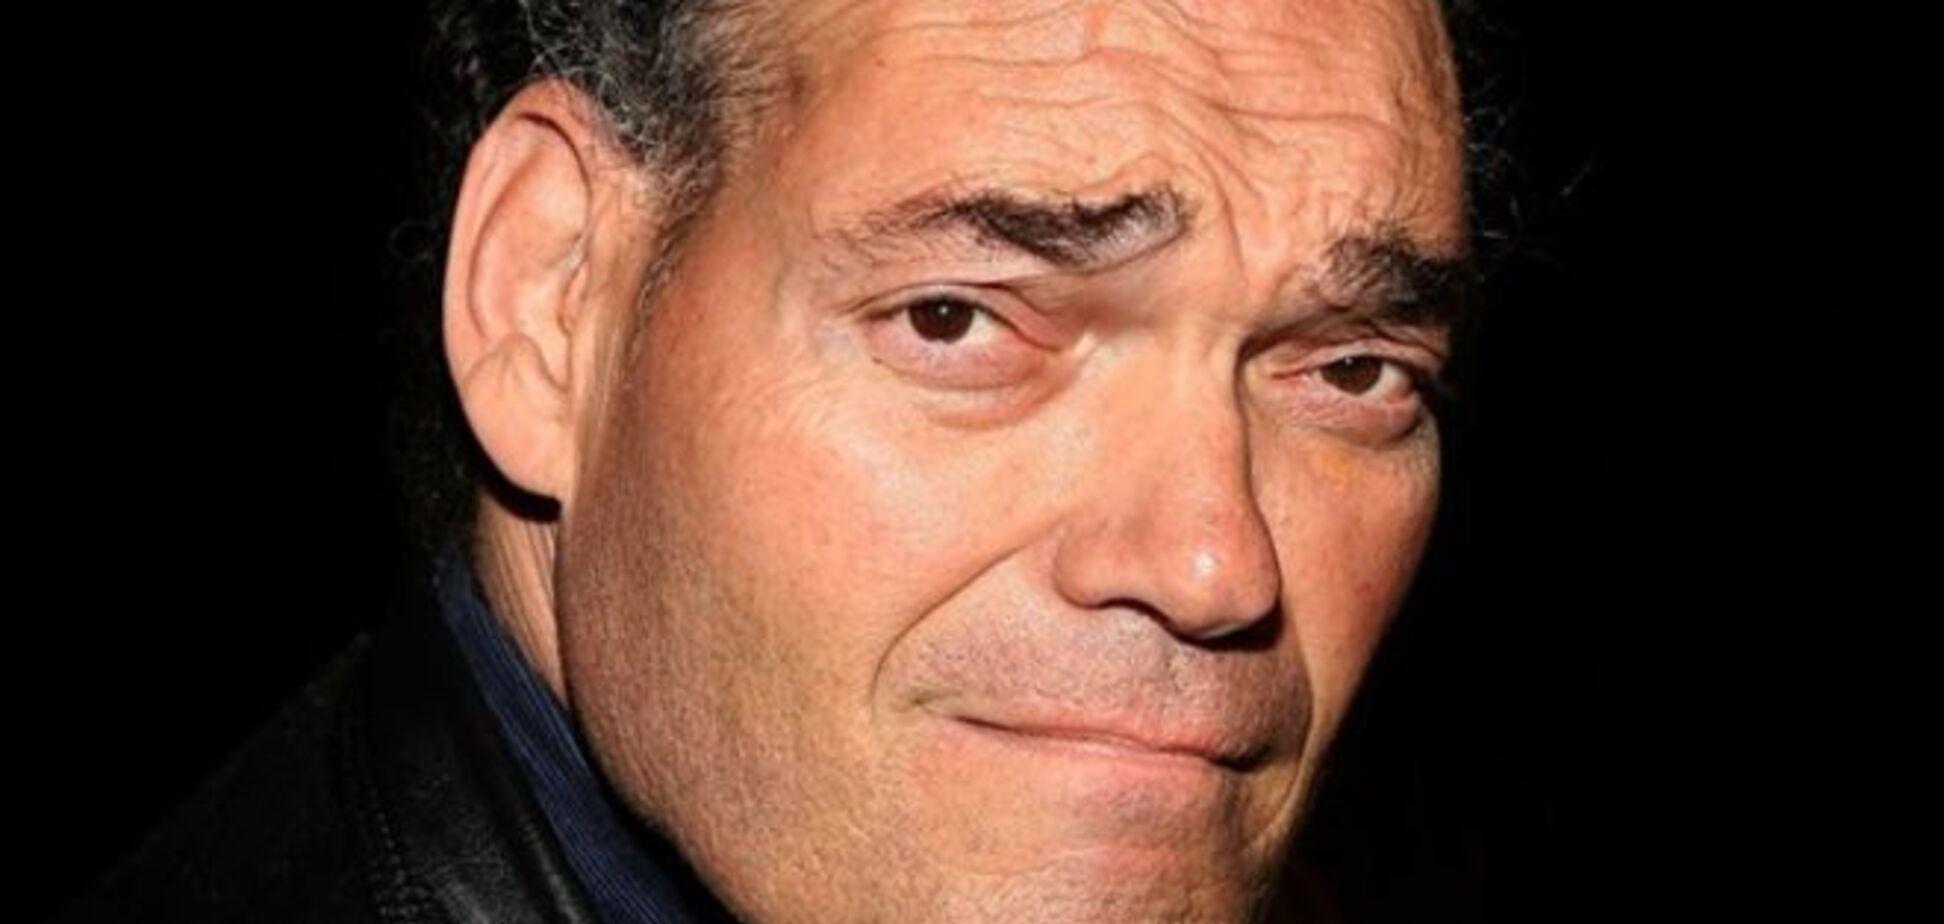 Умер голливудский актер, прославившийся благодаря фильму 'Флинстоуны'